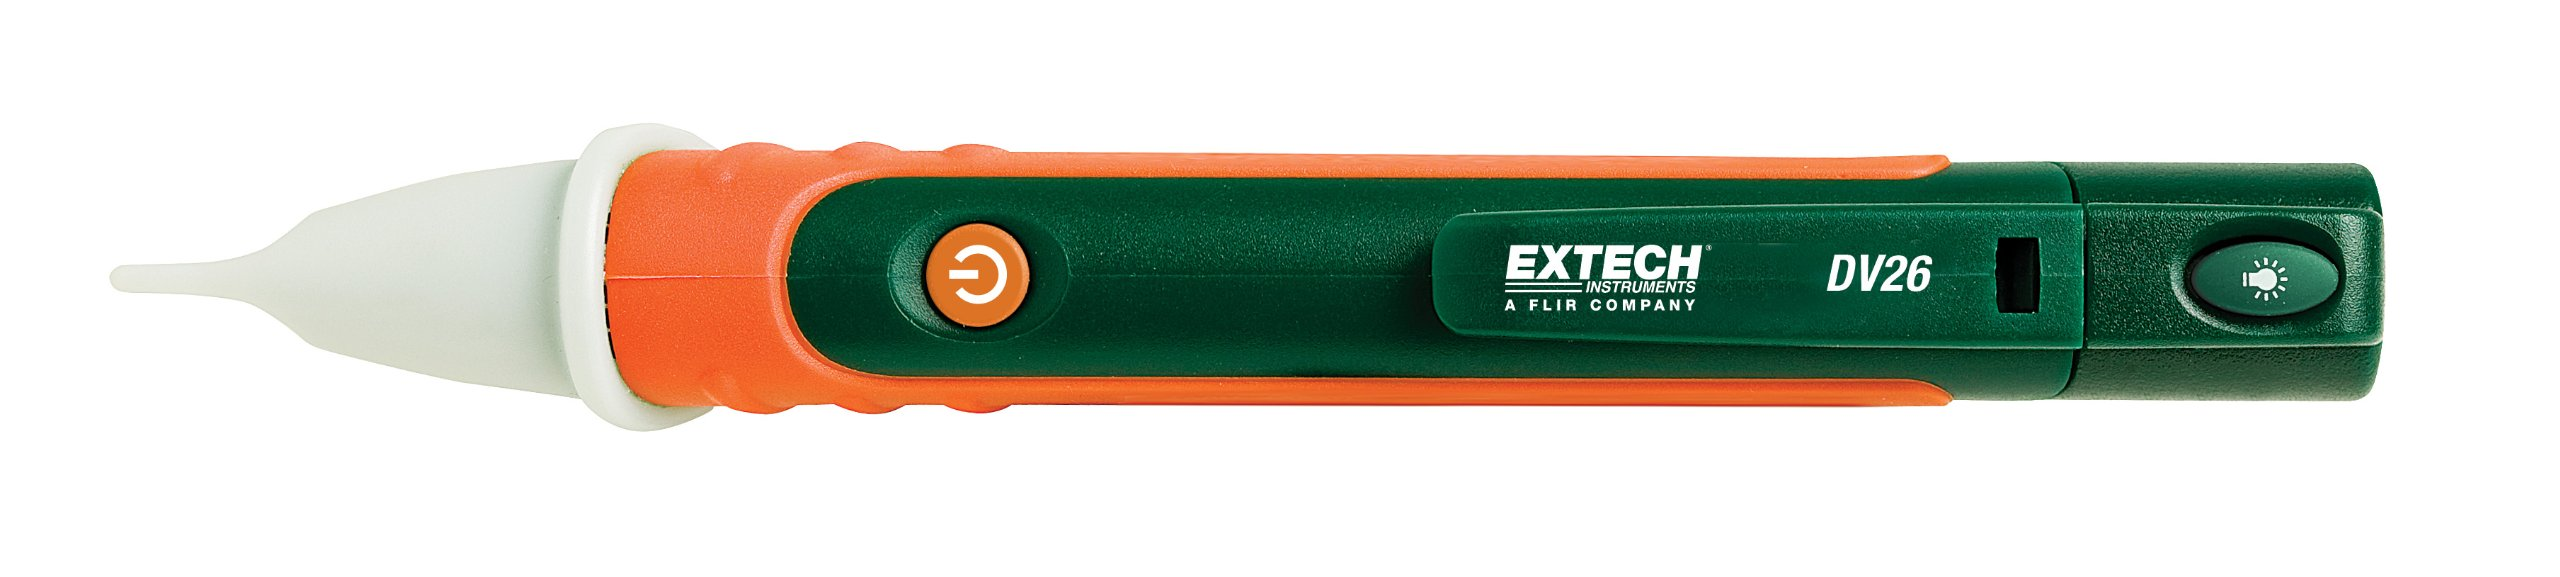 Extech DV26 Non-Contact Voltage Detector Plus Flashlight